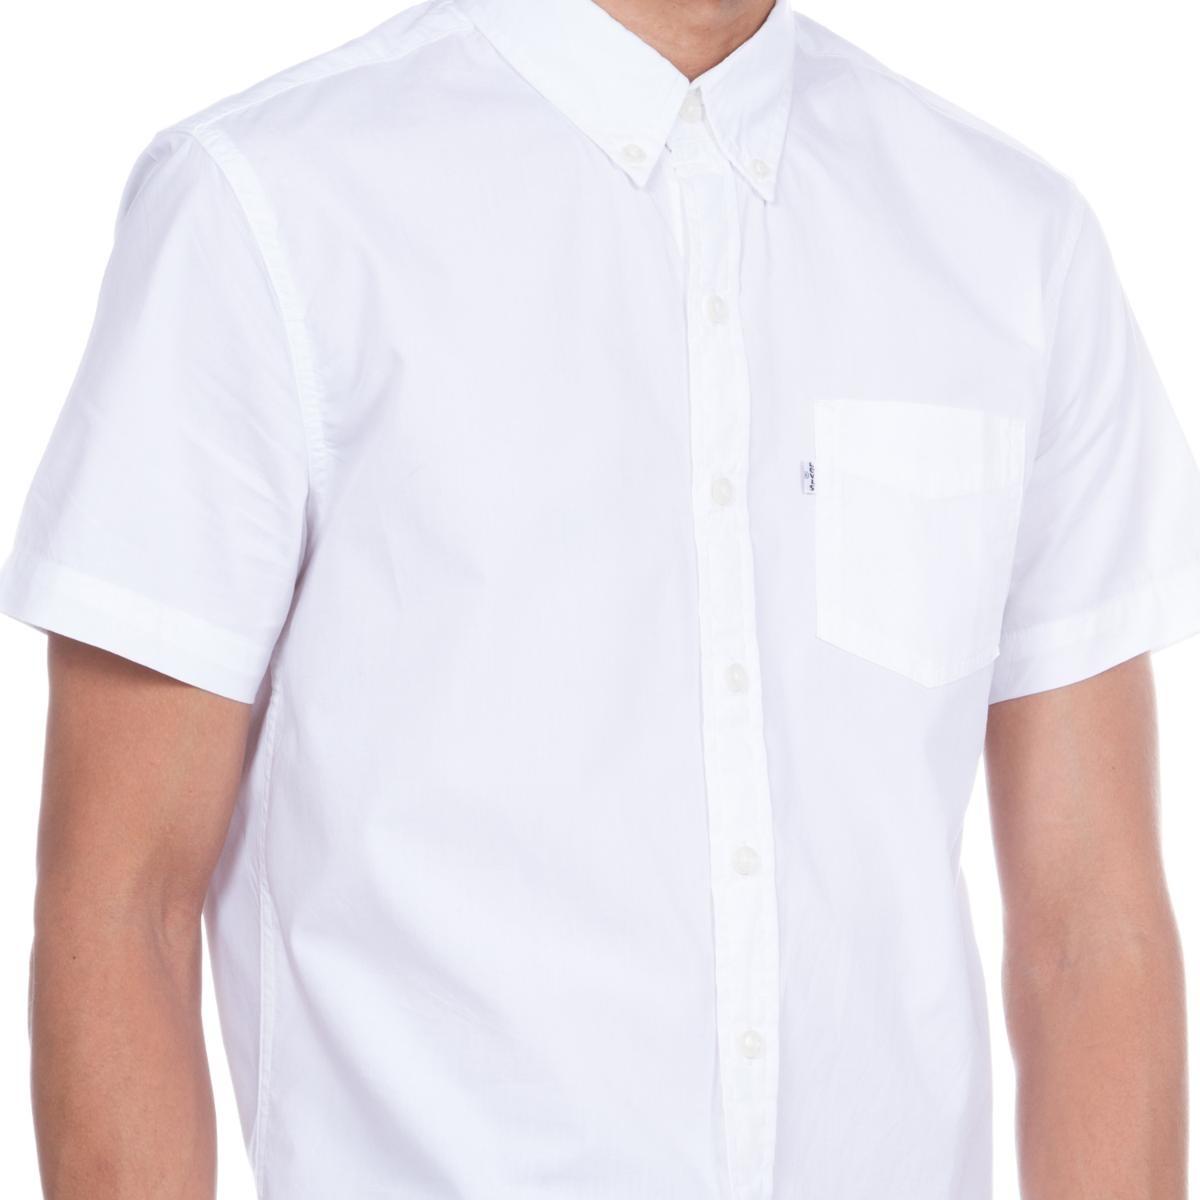 e9a2ab118ff42 camisa levis sunset classic one pocket 219770010. Carregando zoom.